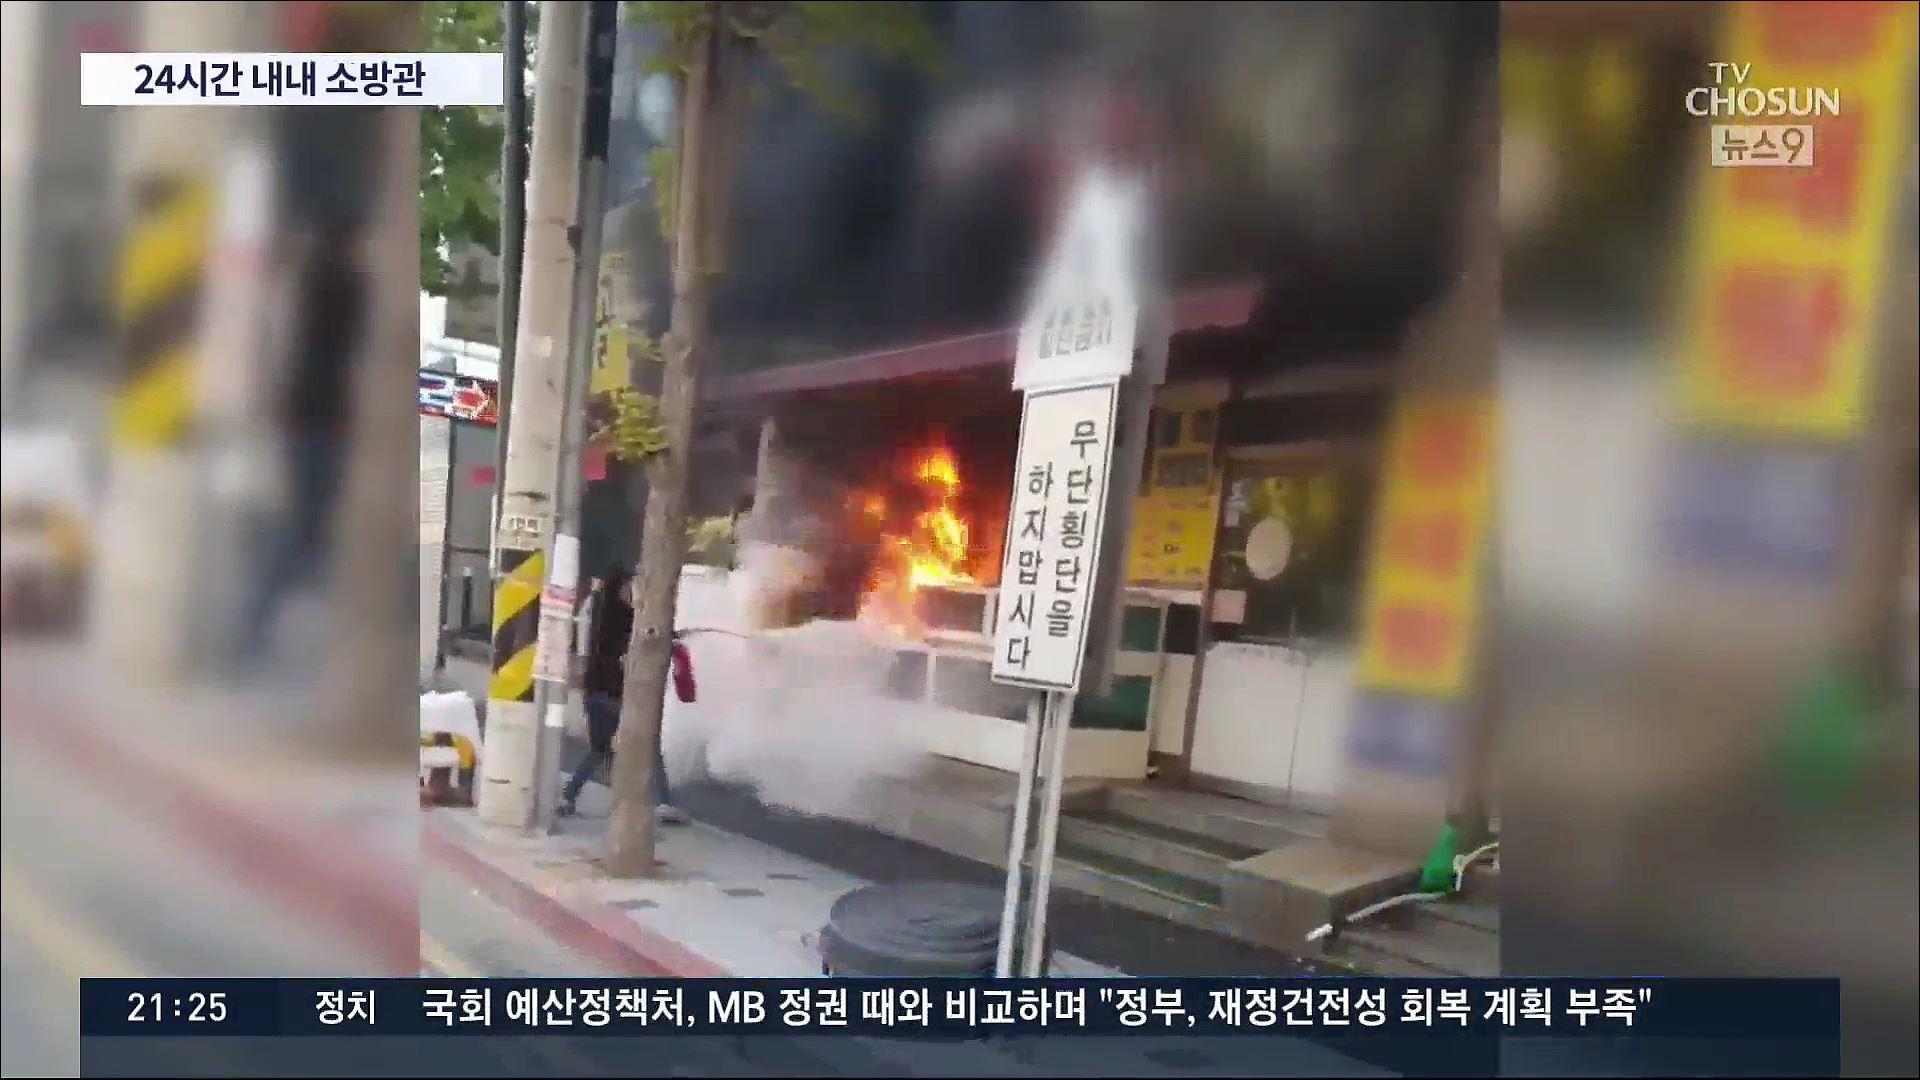 소화기 하나로 화마와 맞섰다…출근길 화재 진압한 소방관